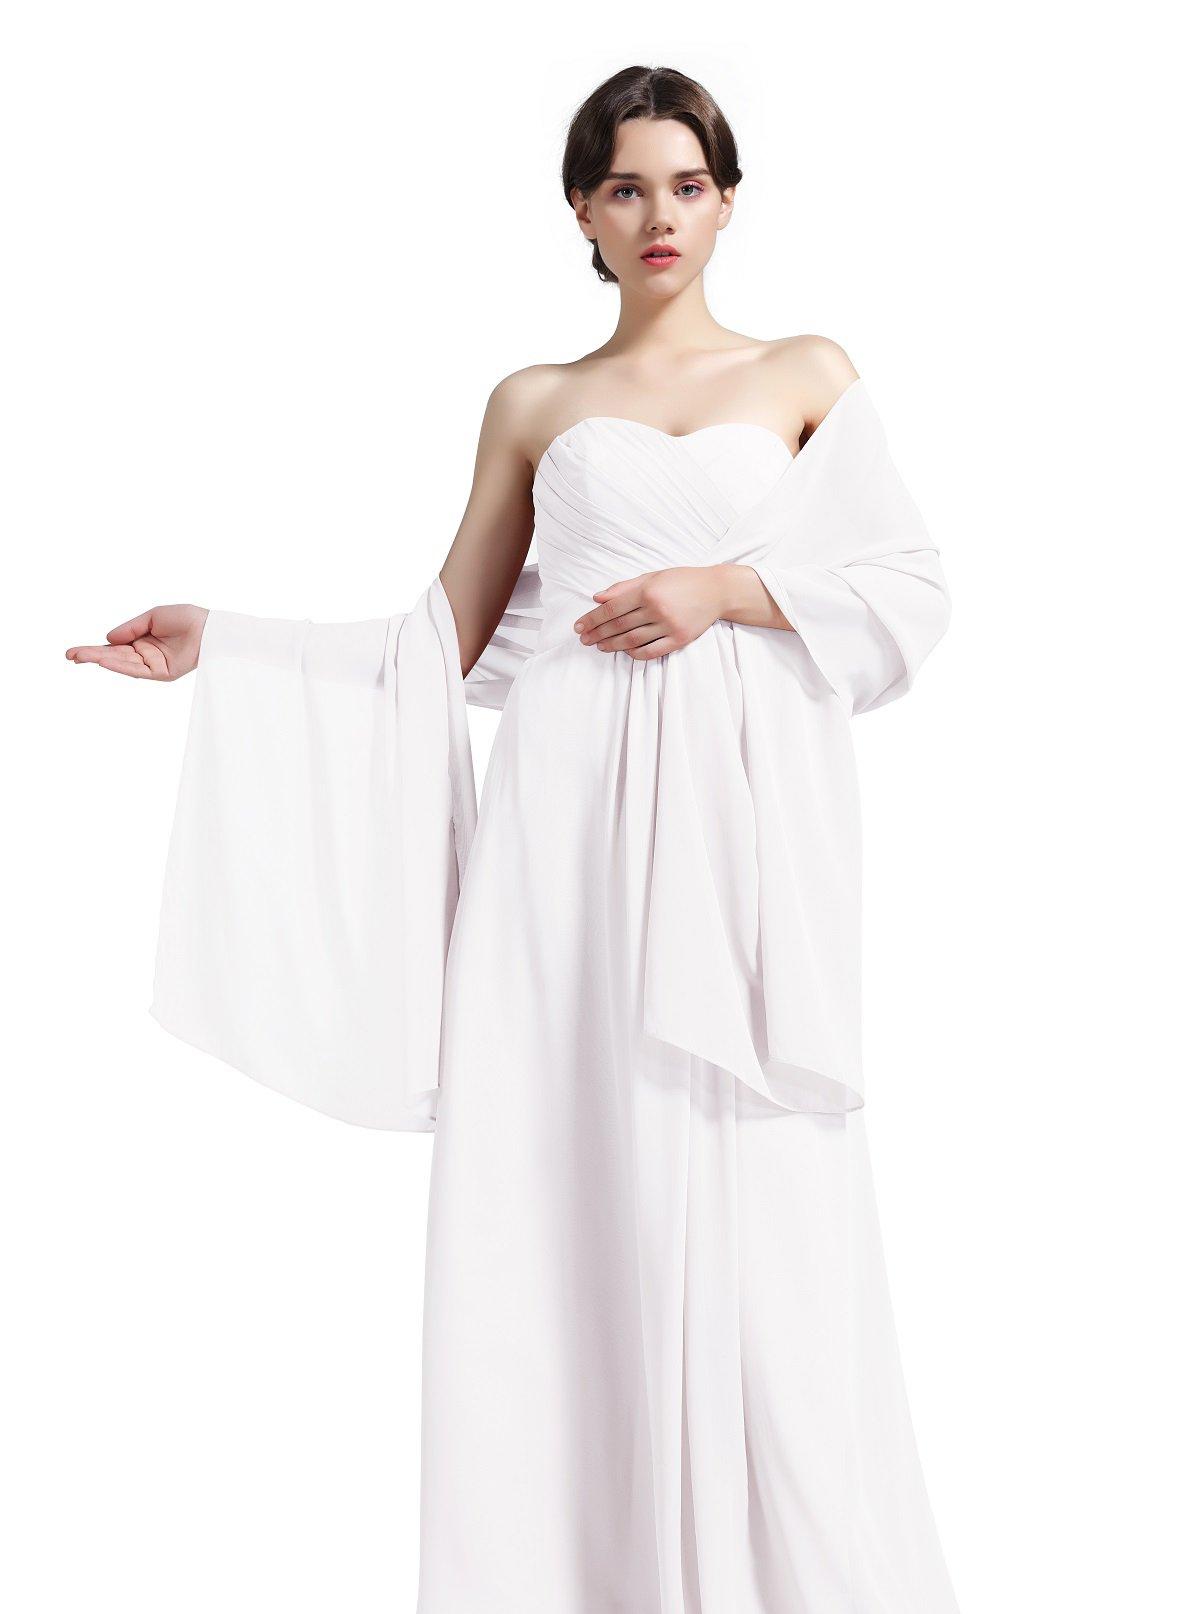 f5ff1397d463 BEAUTELICATE Écharpe Châle Étole Mousseline de Soie Femme Pour Mariage  Soiree Cérémonie 28 Couleurs product image